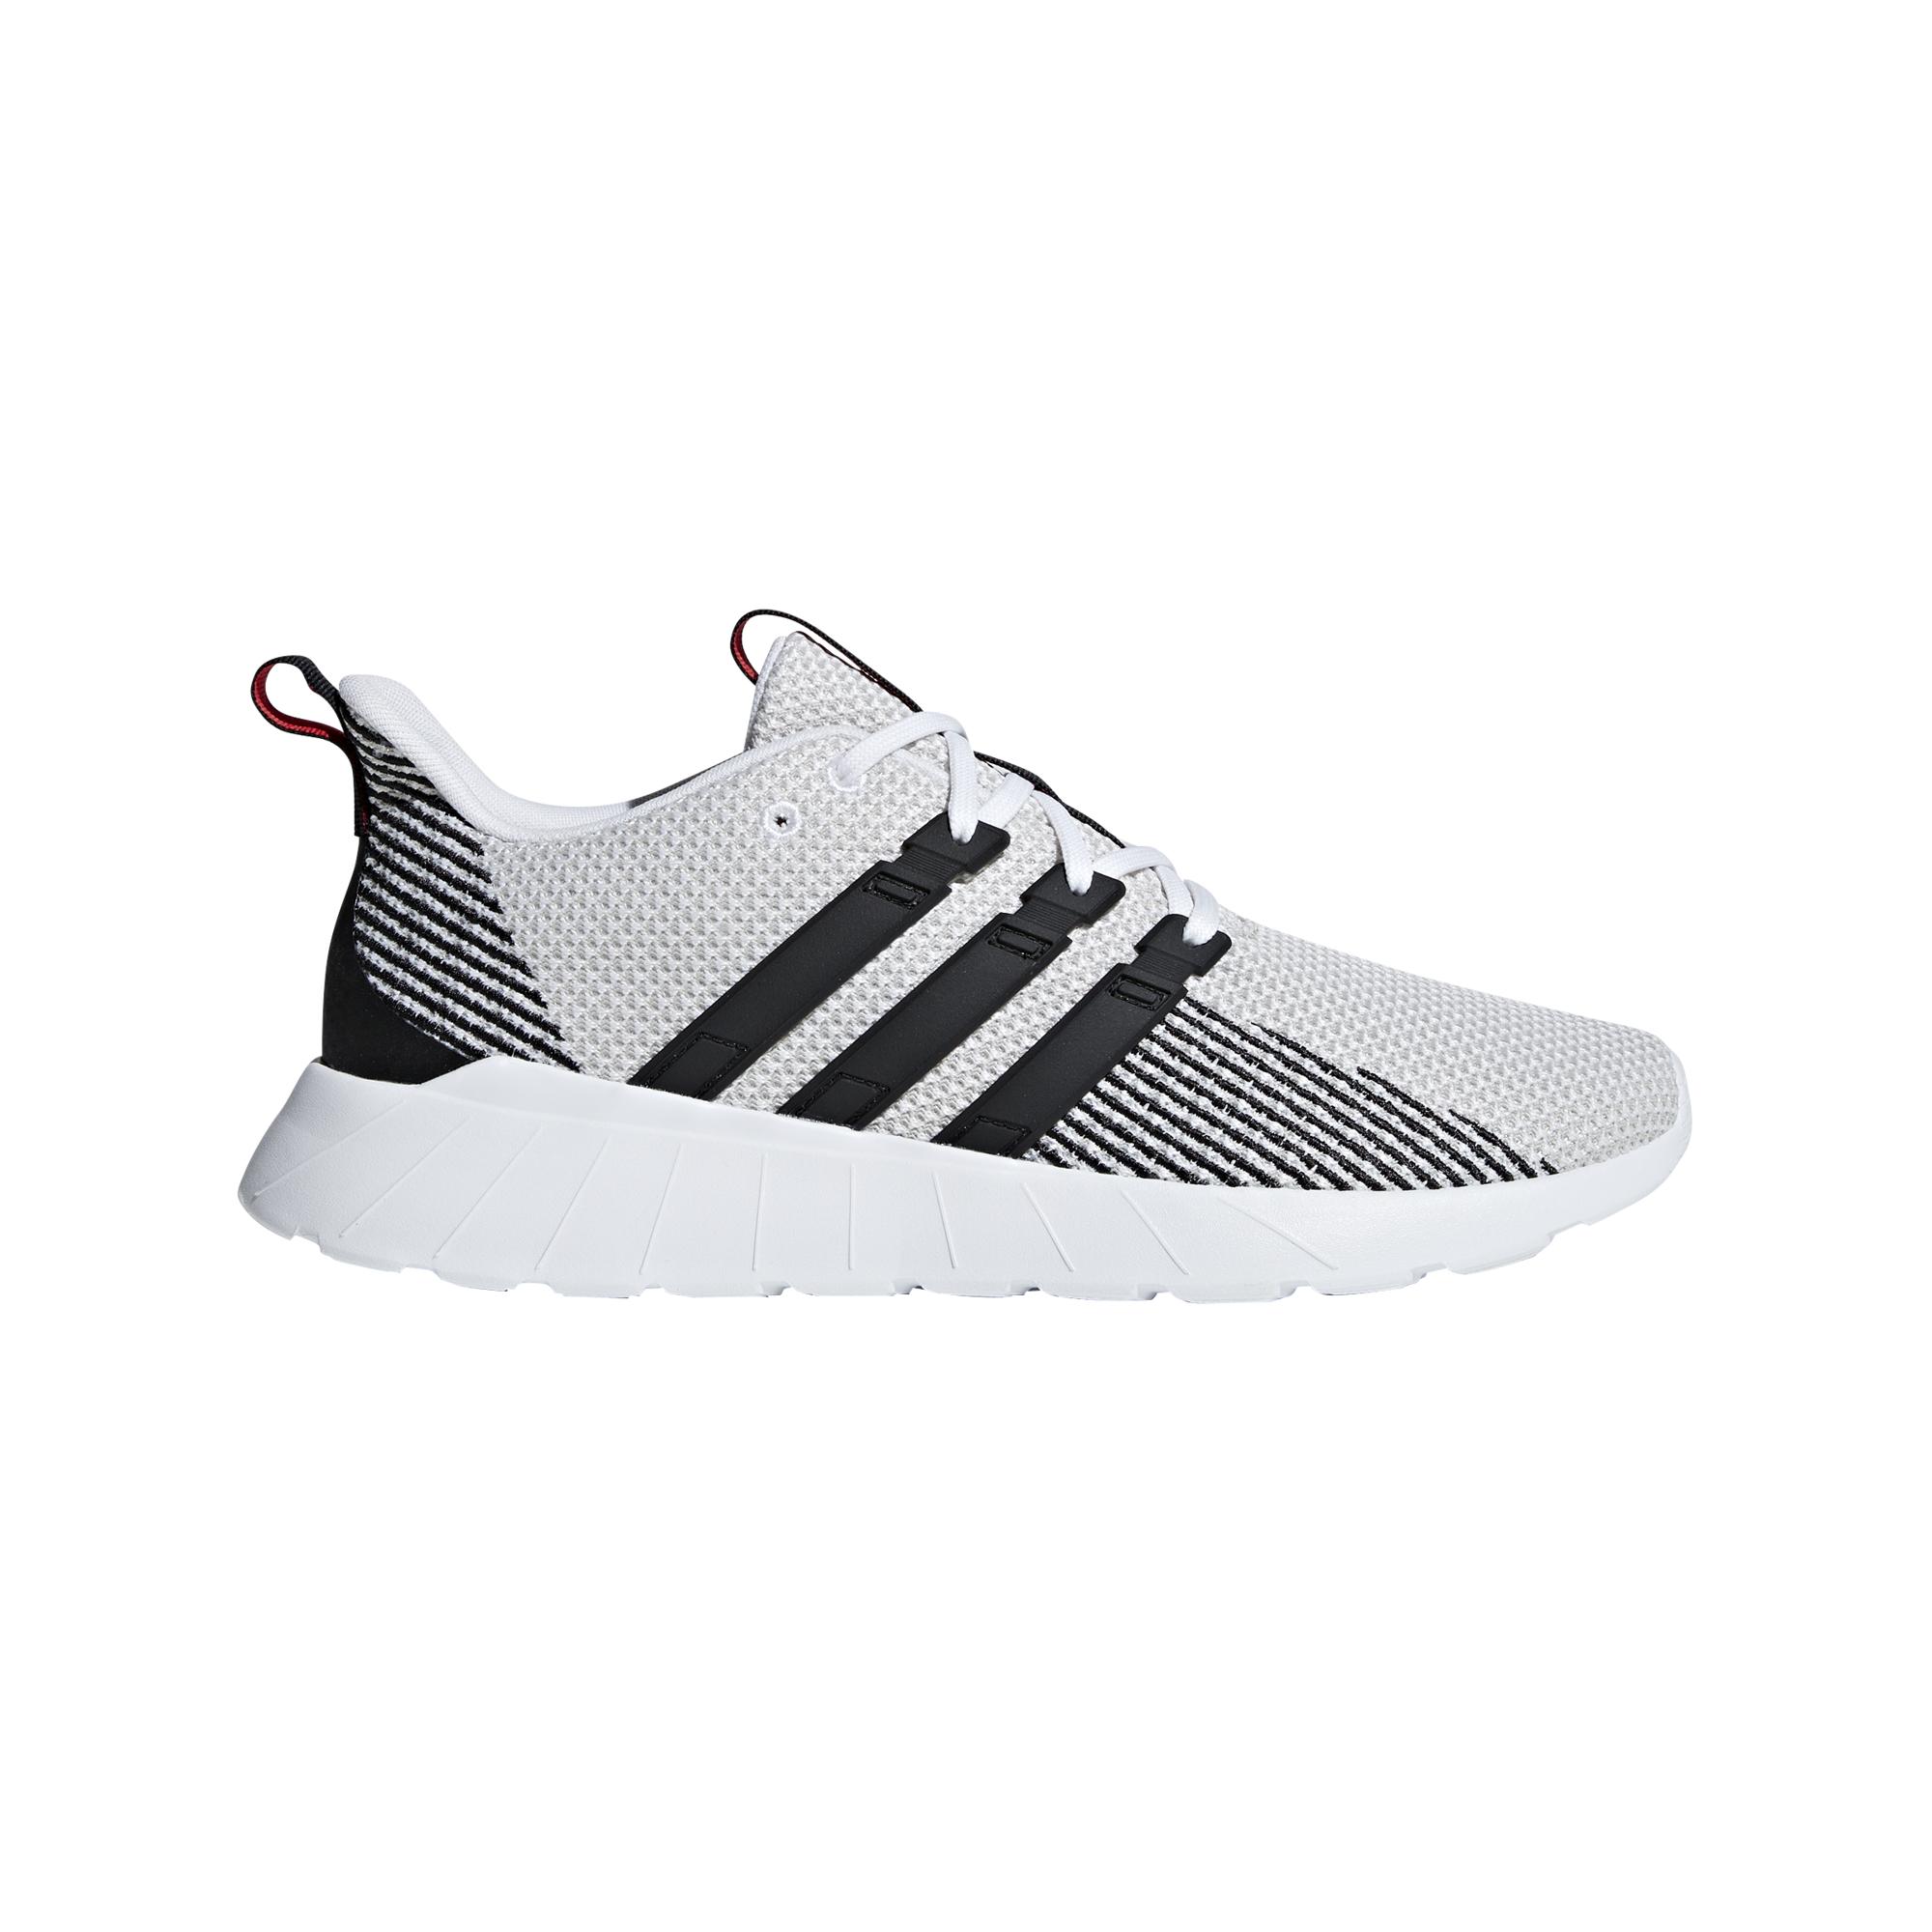 52859ea68 adidas QUESTAR FLOW tenisky, biela/čierna | Športové oblečenie a ...